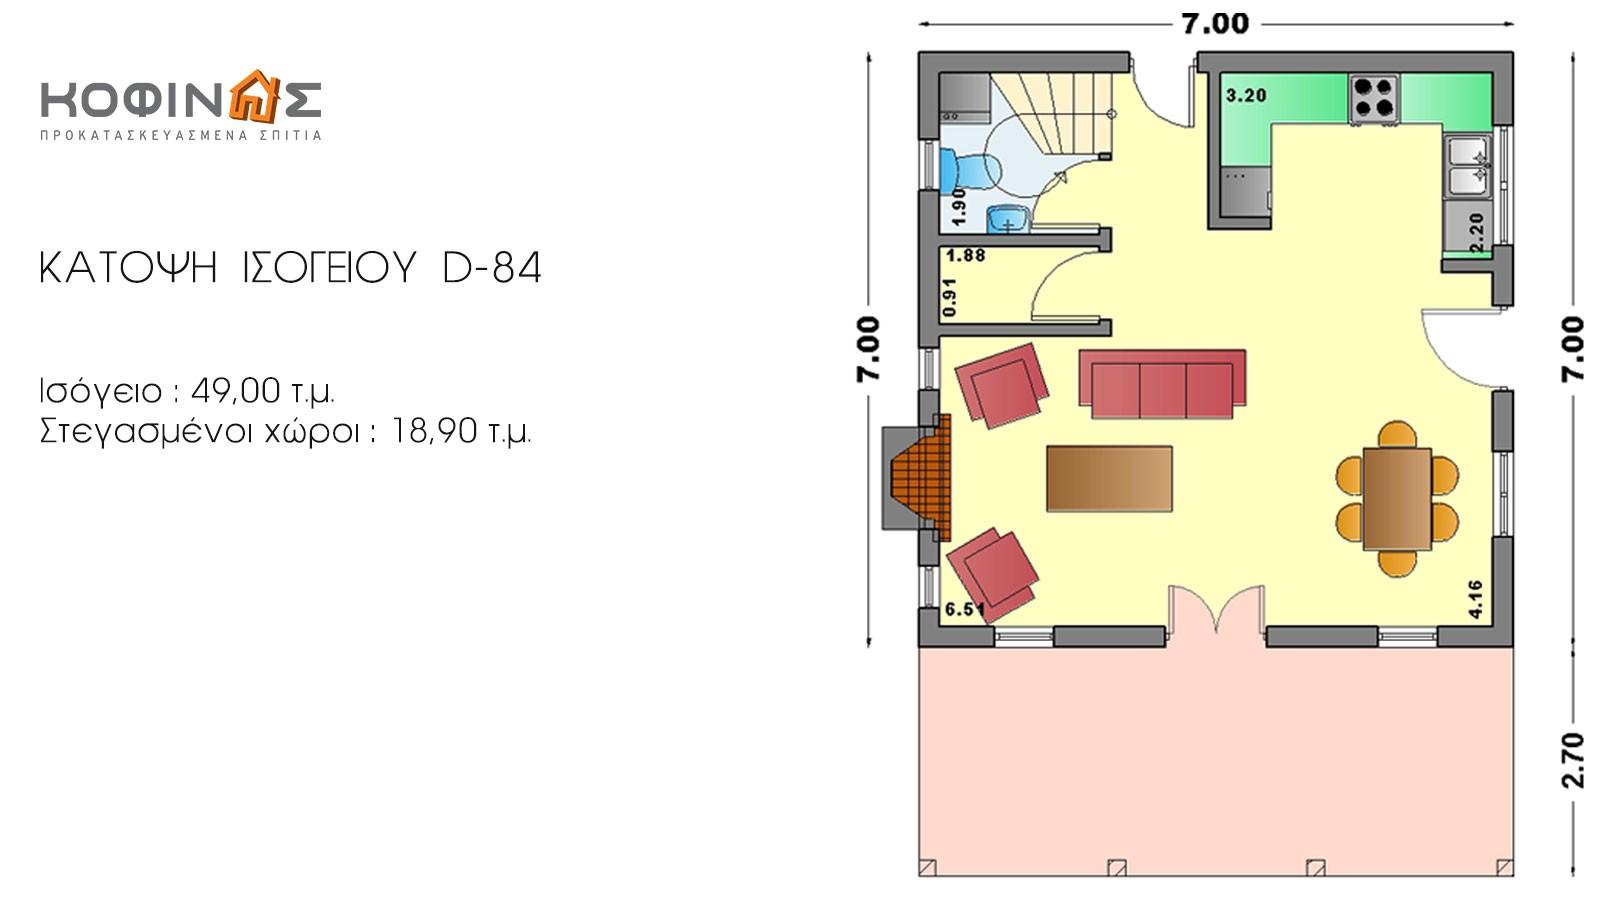 Διώροφη Κατοικία D-84, συνολικής επιφάνειας 84,70 τ.μ.